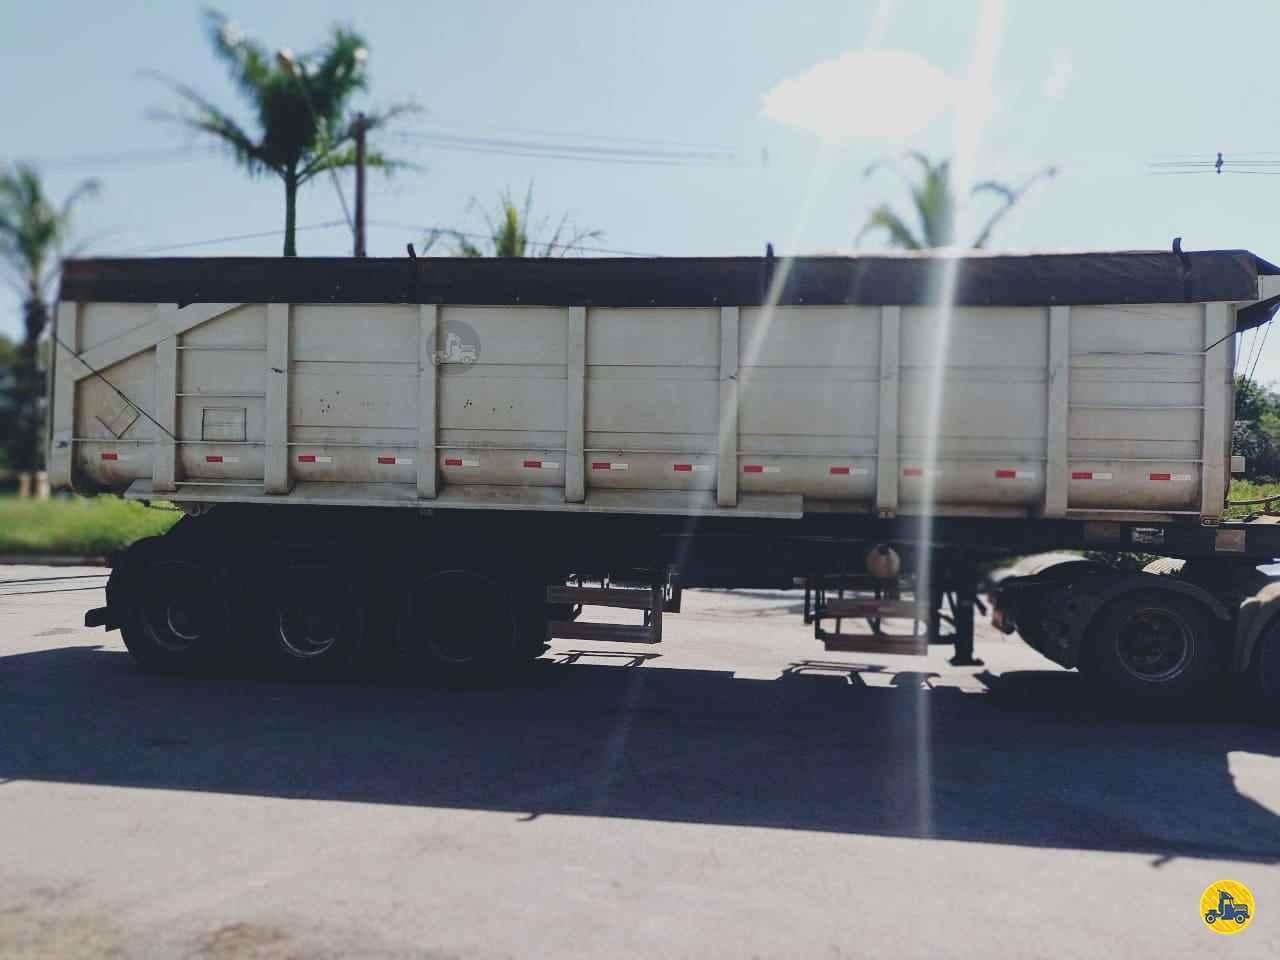 CARRETA SEMI-REBOQUE BASCULANTE Cotral Caminhões SERRA DO SALITRE MINAS GERAIS MG